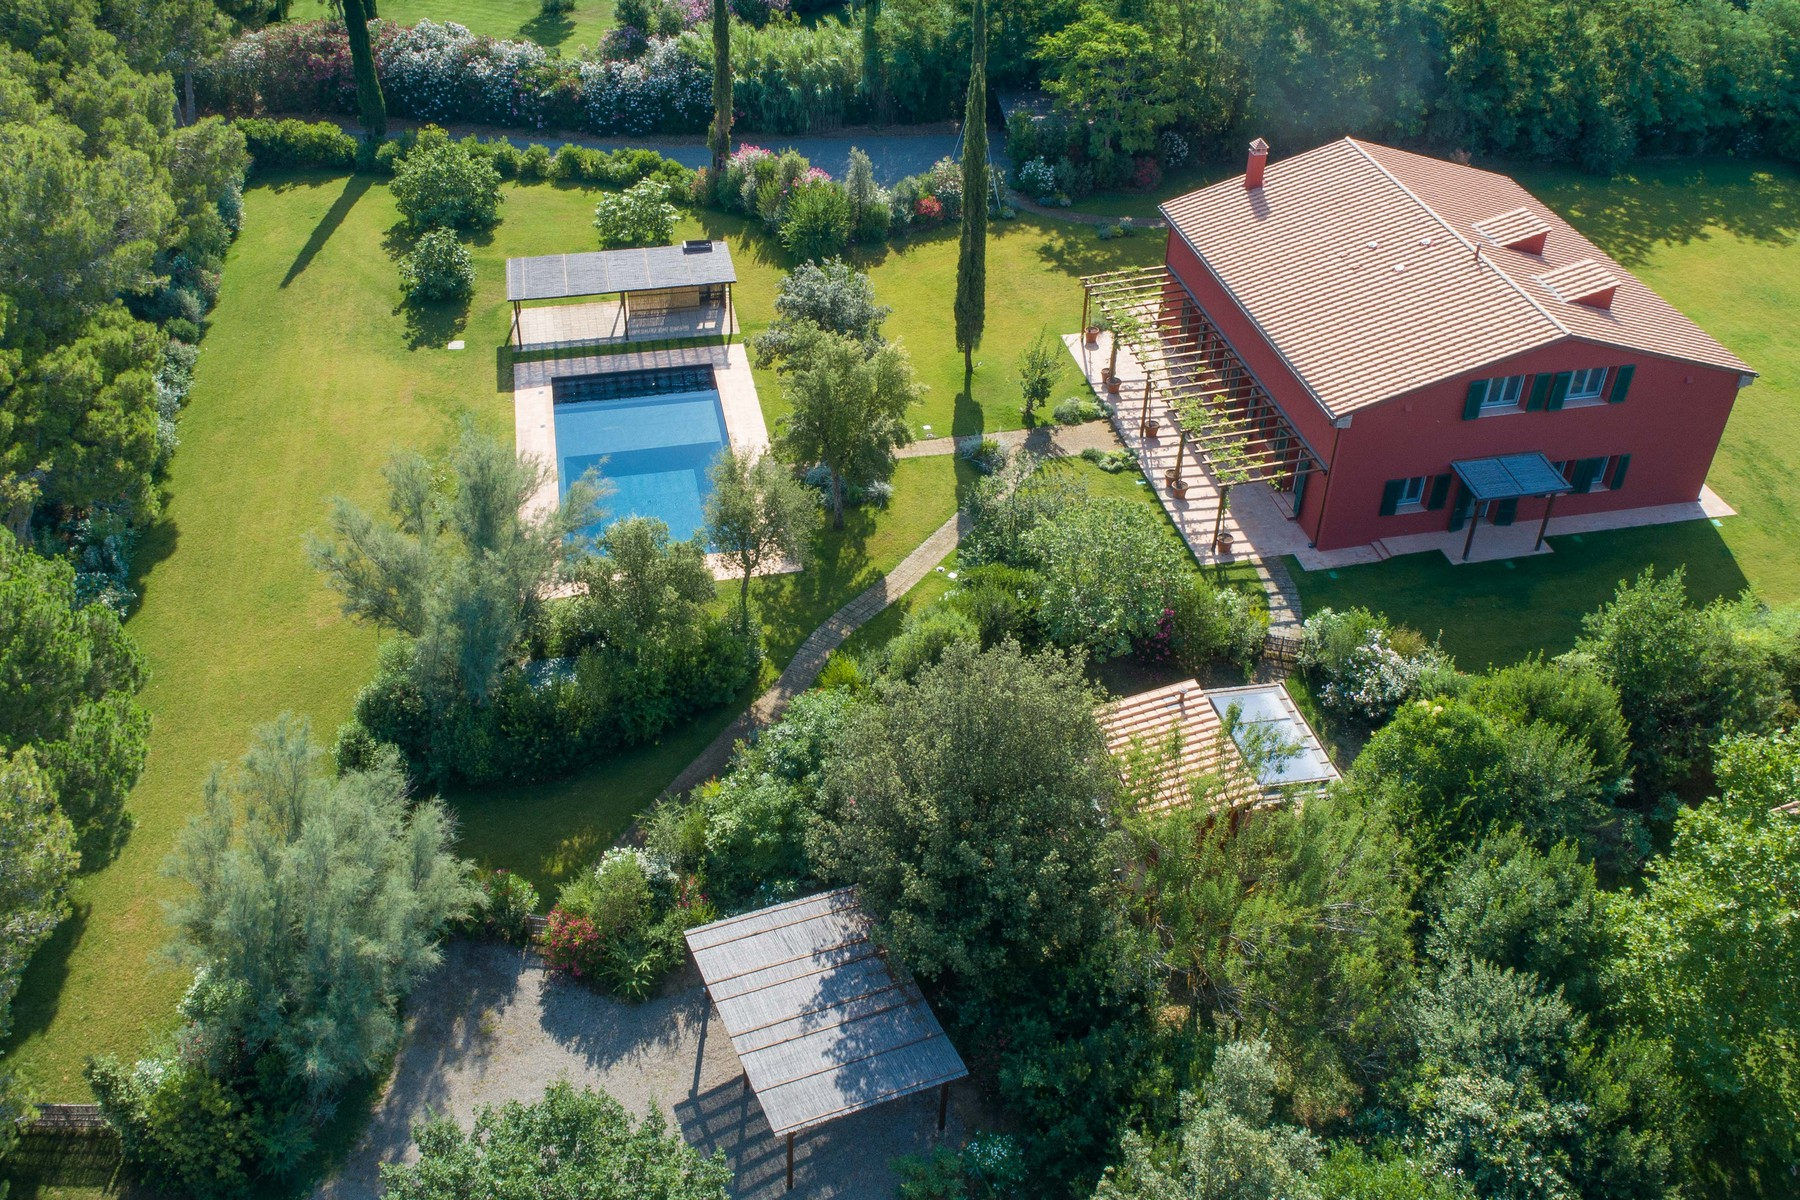 Villa in Vendita a Magliano In Toscana: 5 locali, 438 mq - Foto 13